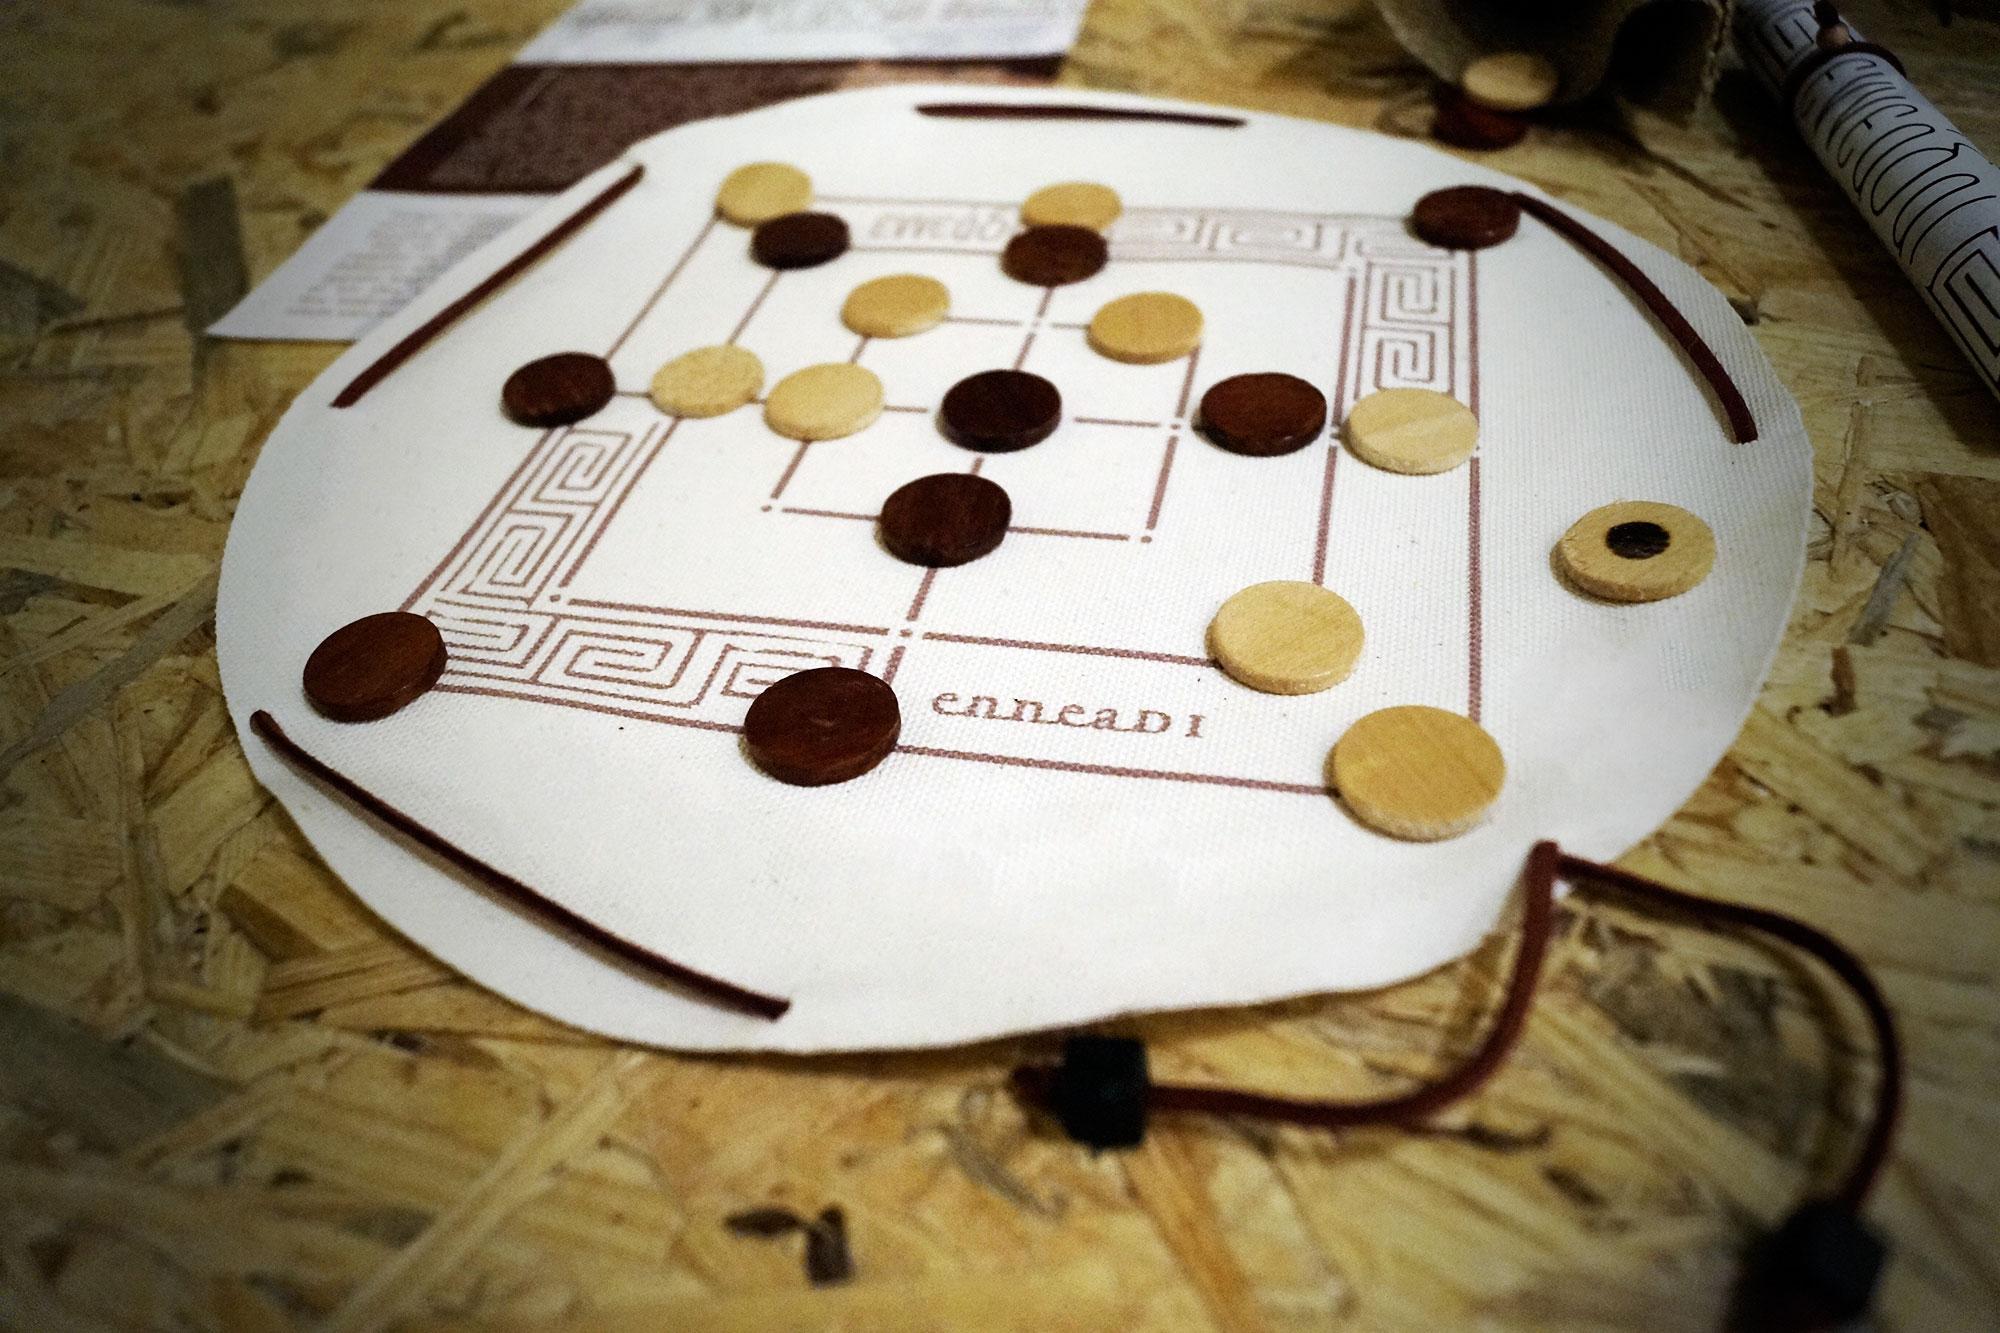 Εννεάδαι - αρχαίο ελληνικό παιχνίδι - Seikilo - www.seikilo.com